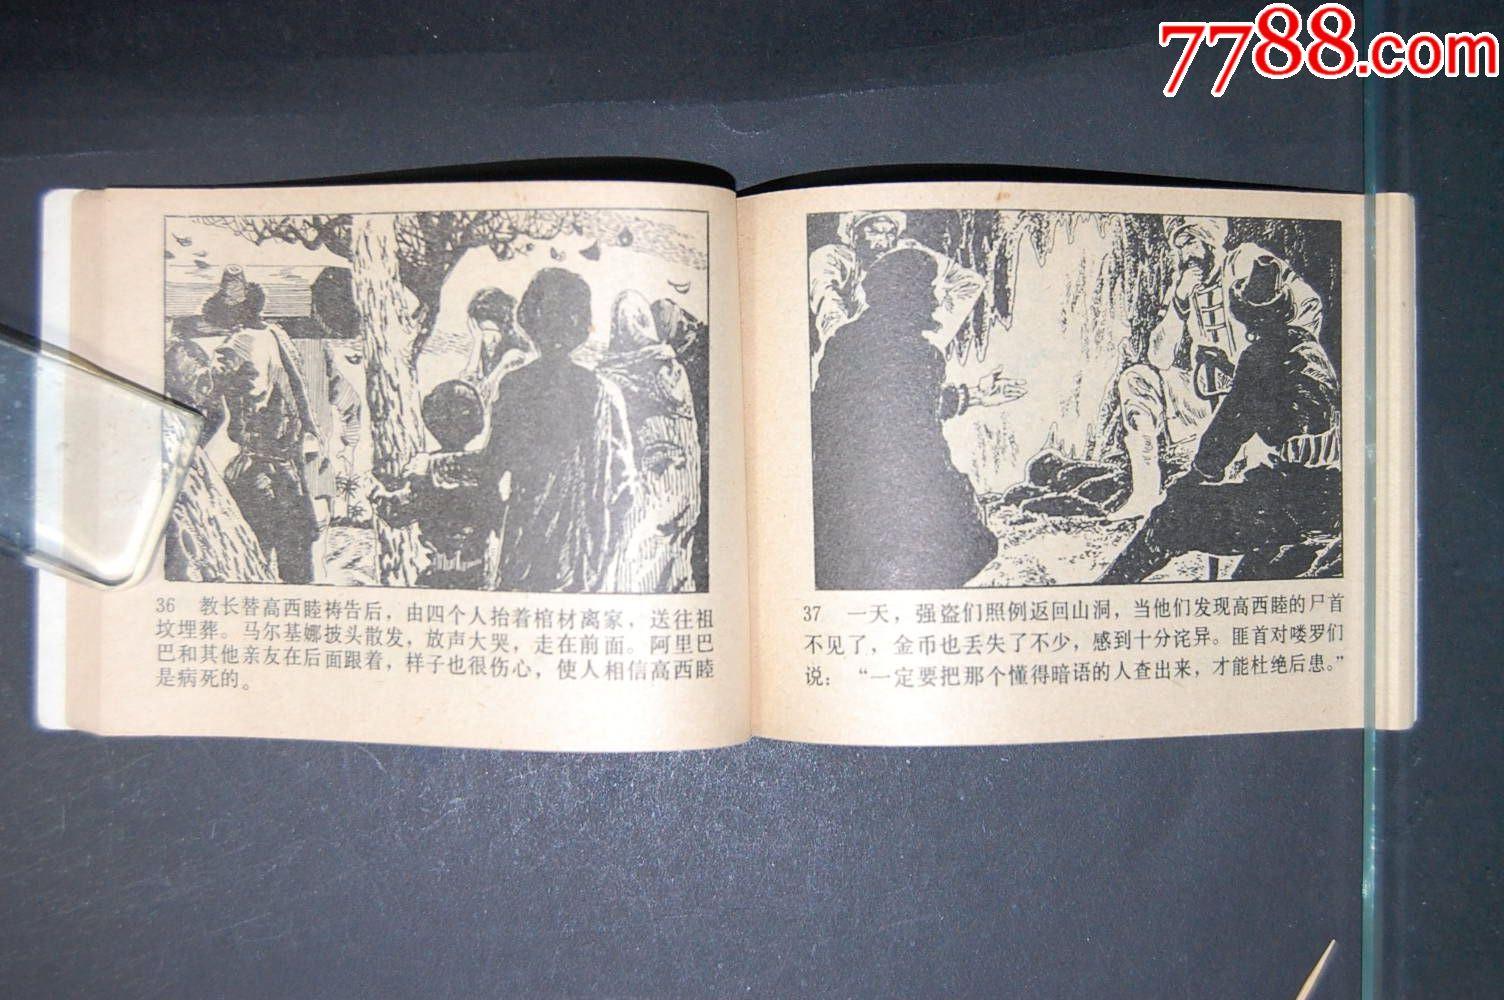 智勇的黄豆【走势开门的芝麻】由来女仆图片